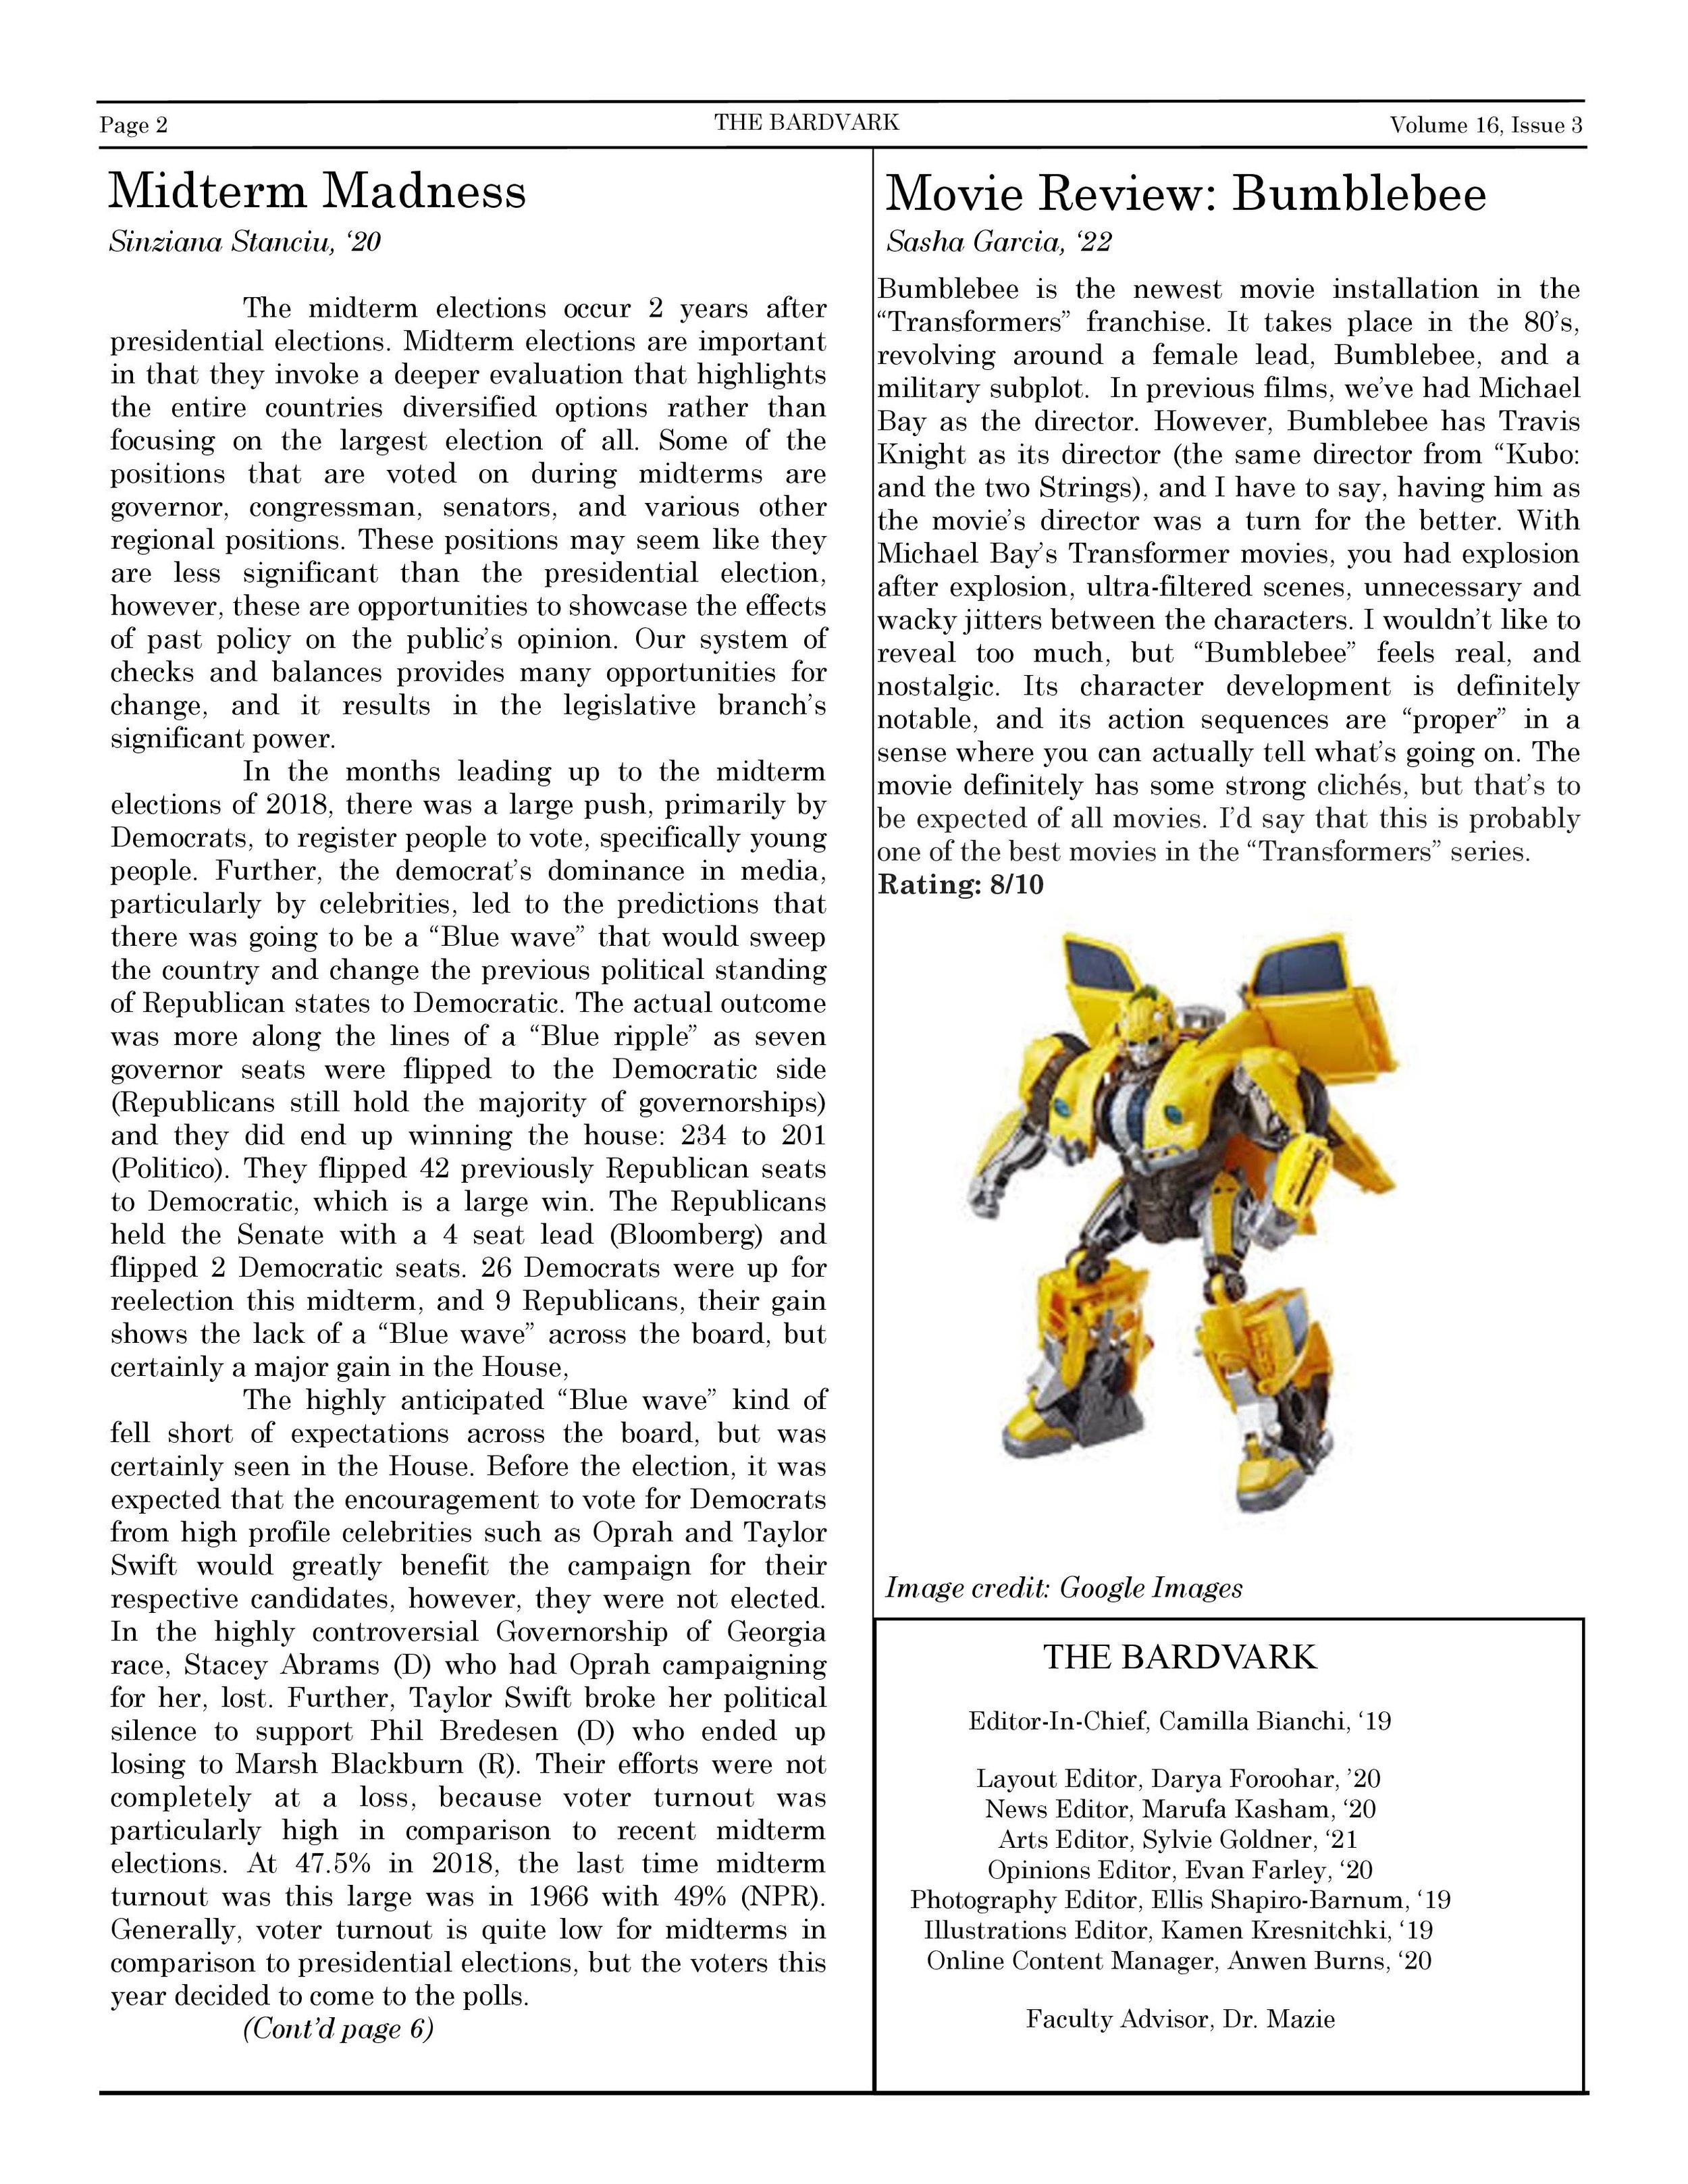 Issue 4 December 2018-2.jpg